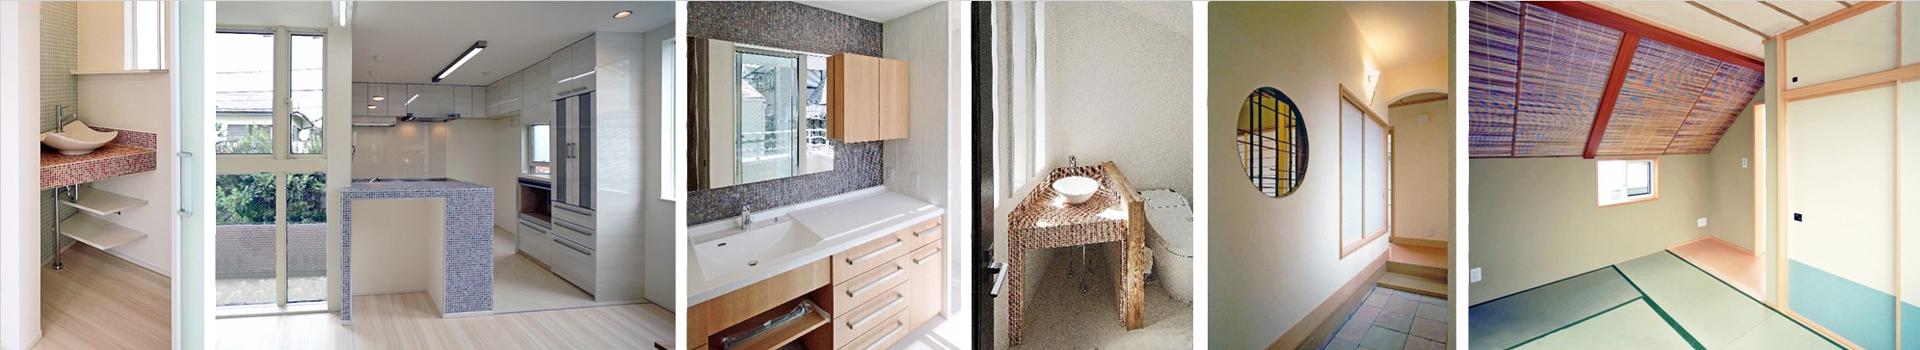 神奈川のデザイン住宅の水廻りと和室